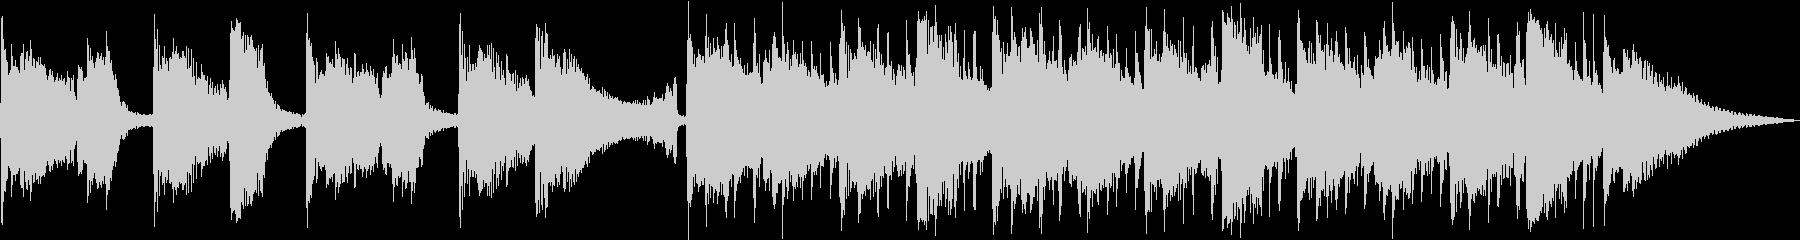 クールなアコギ30秒動画の未再生の波形